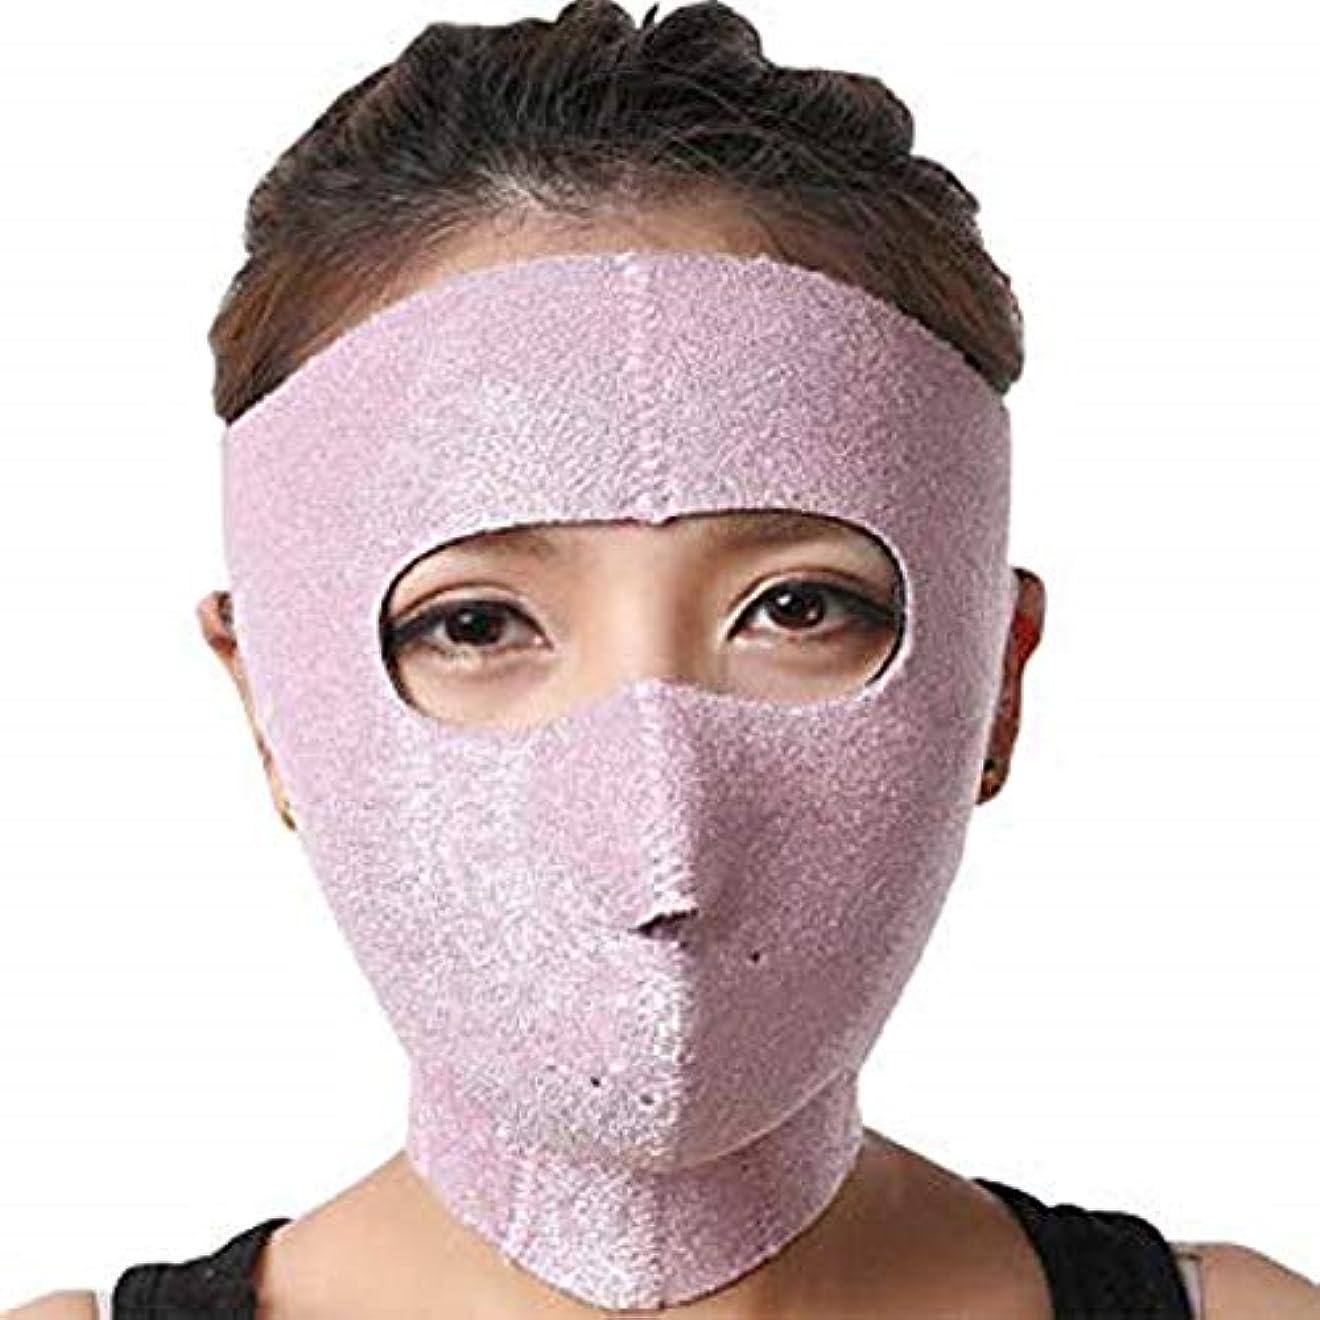 パケットおばあさん先行するリタプロショップ? 小顔矯正 3Dマスク 発汗 サウナ フェイスライン 引き締め